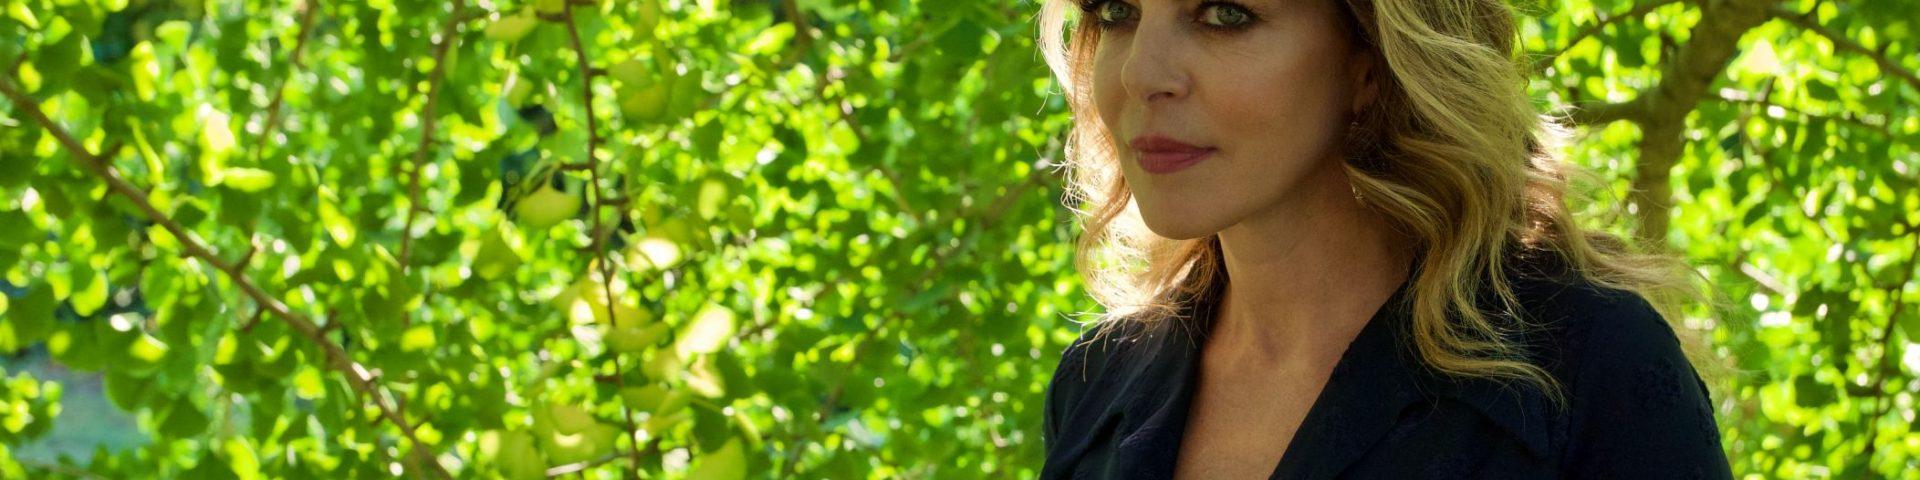 Manteniamoci Informate: la campagna di sensibilizzazione con Claudia Gerini